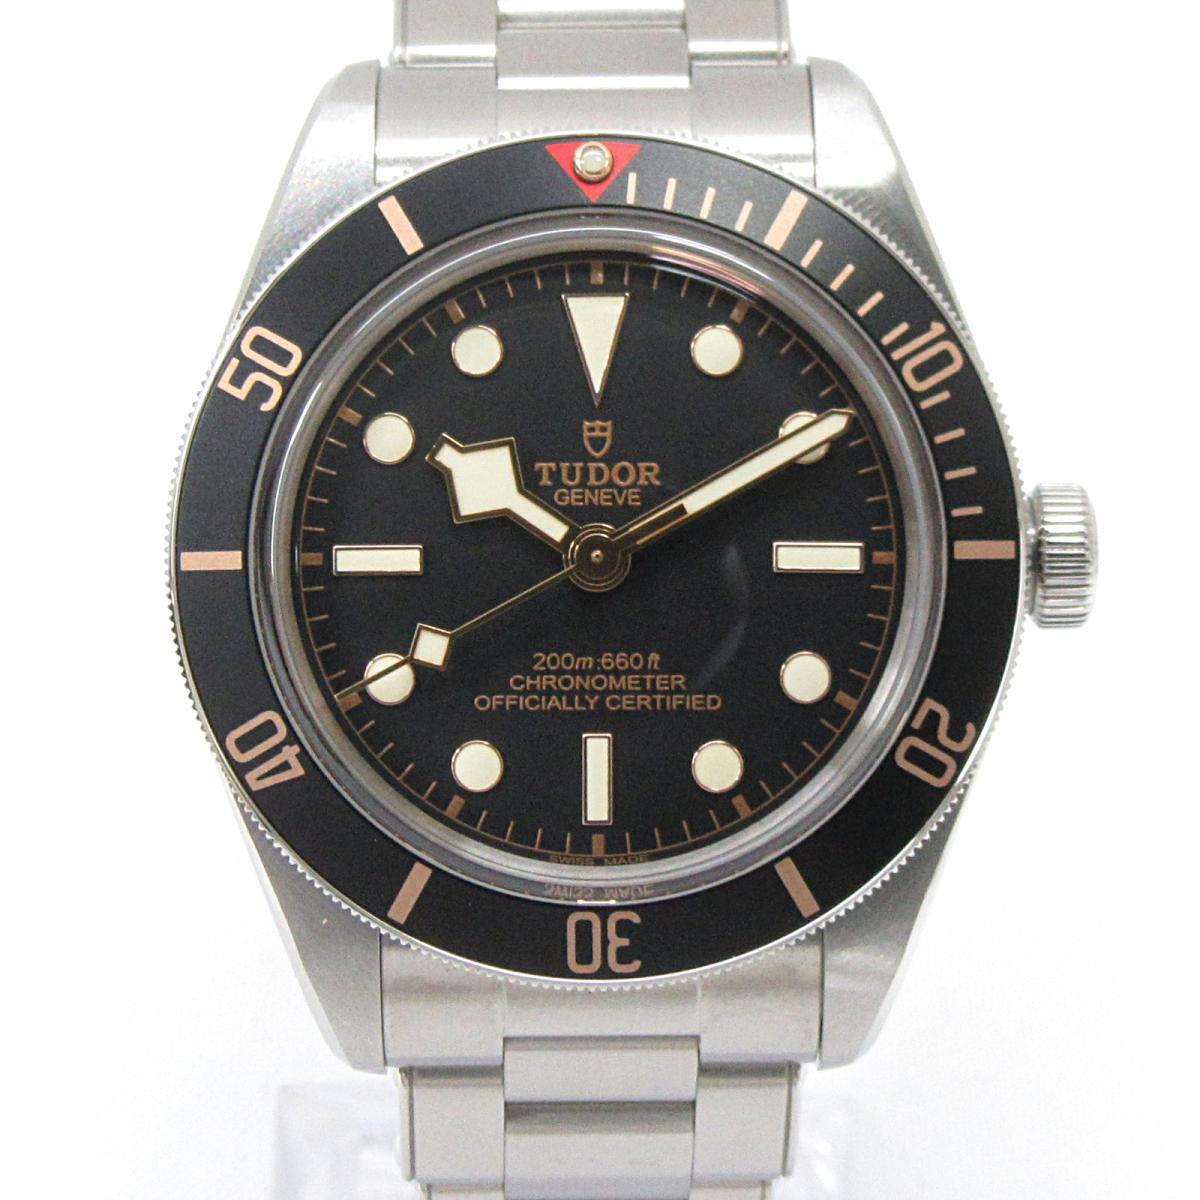 【中古】 チュードル ブラックベイ フィフティエイト 腕時計 ウォッチ メンズ ステンレススチール (SS) (79030N) | TUDOR BRANDOFF ブランドオフ ブランド ブランド時計 ブランド腕時計 時計